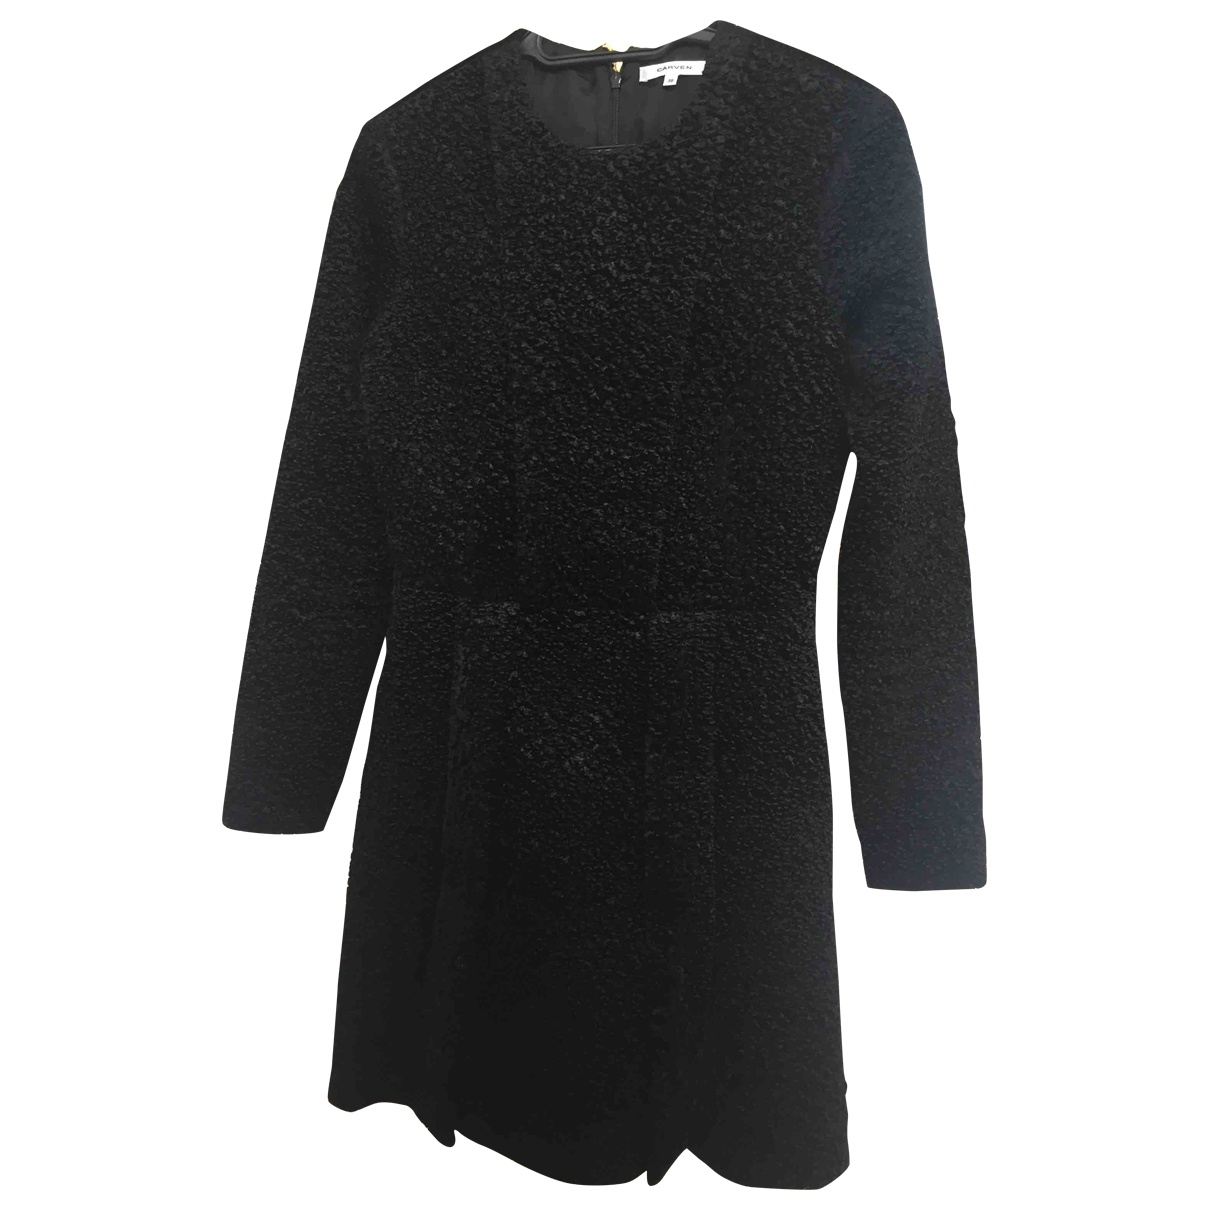 Carven \N Kleid in  Schwarz Viskose